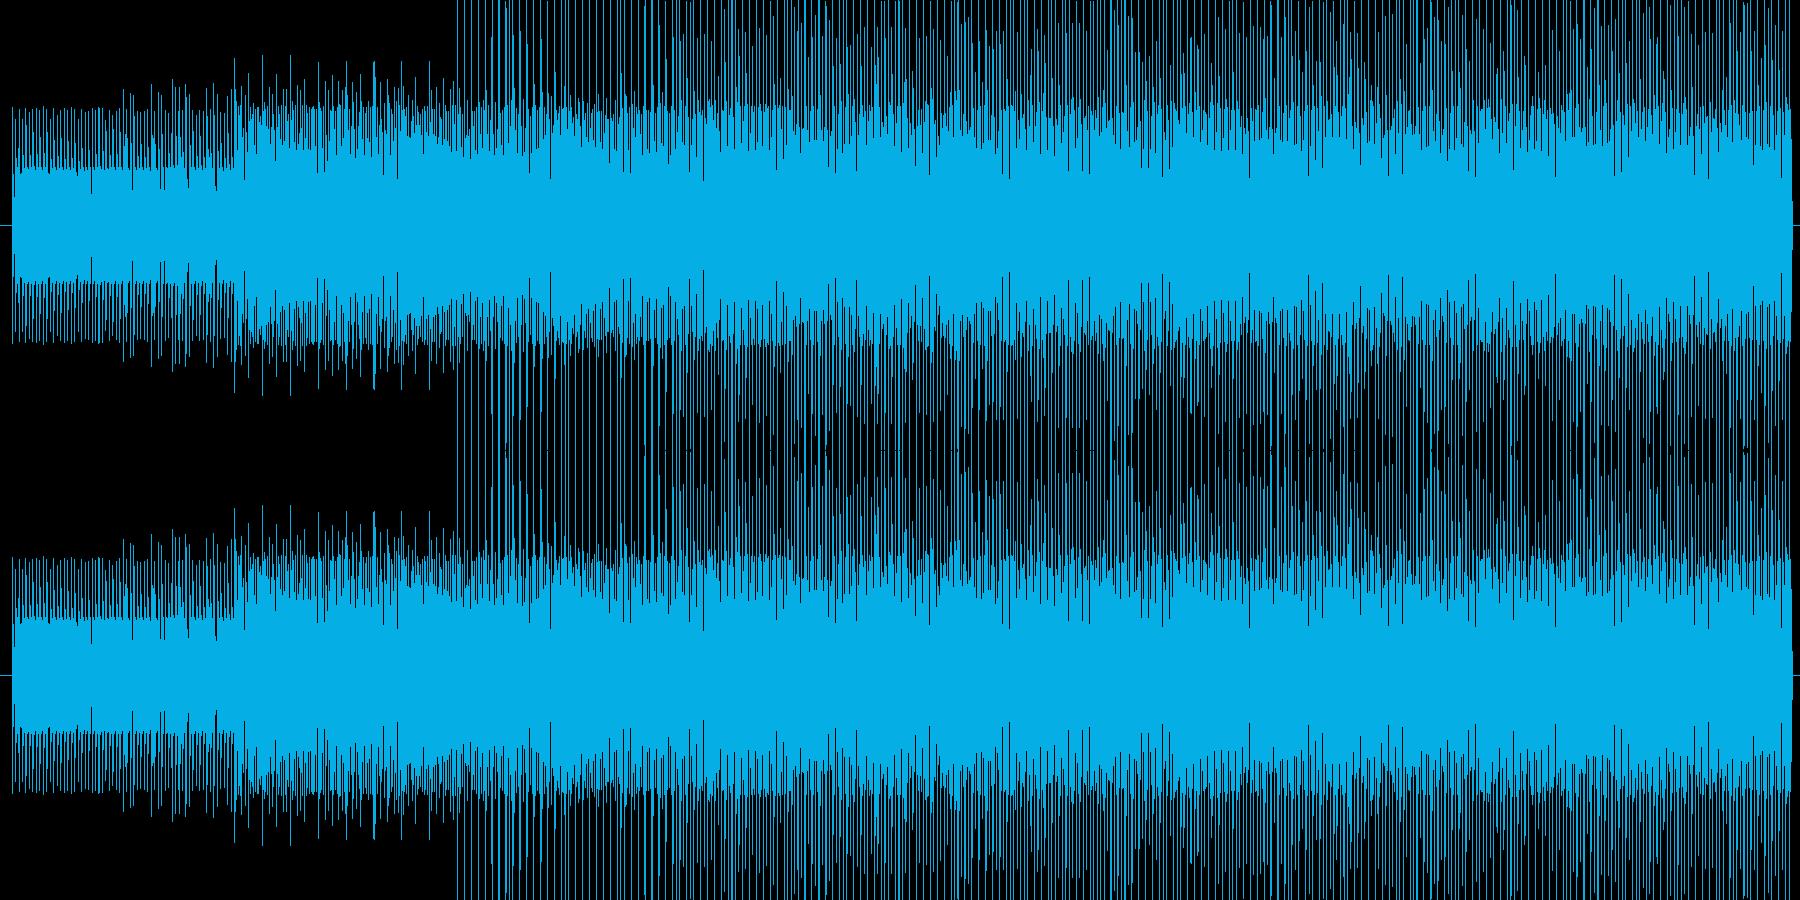 チープで軽快な電子音 レース 徒競走の再生済みの波形